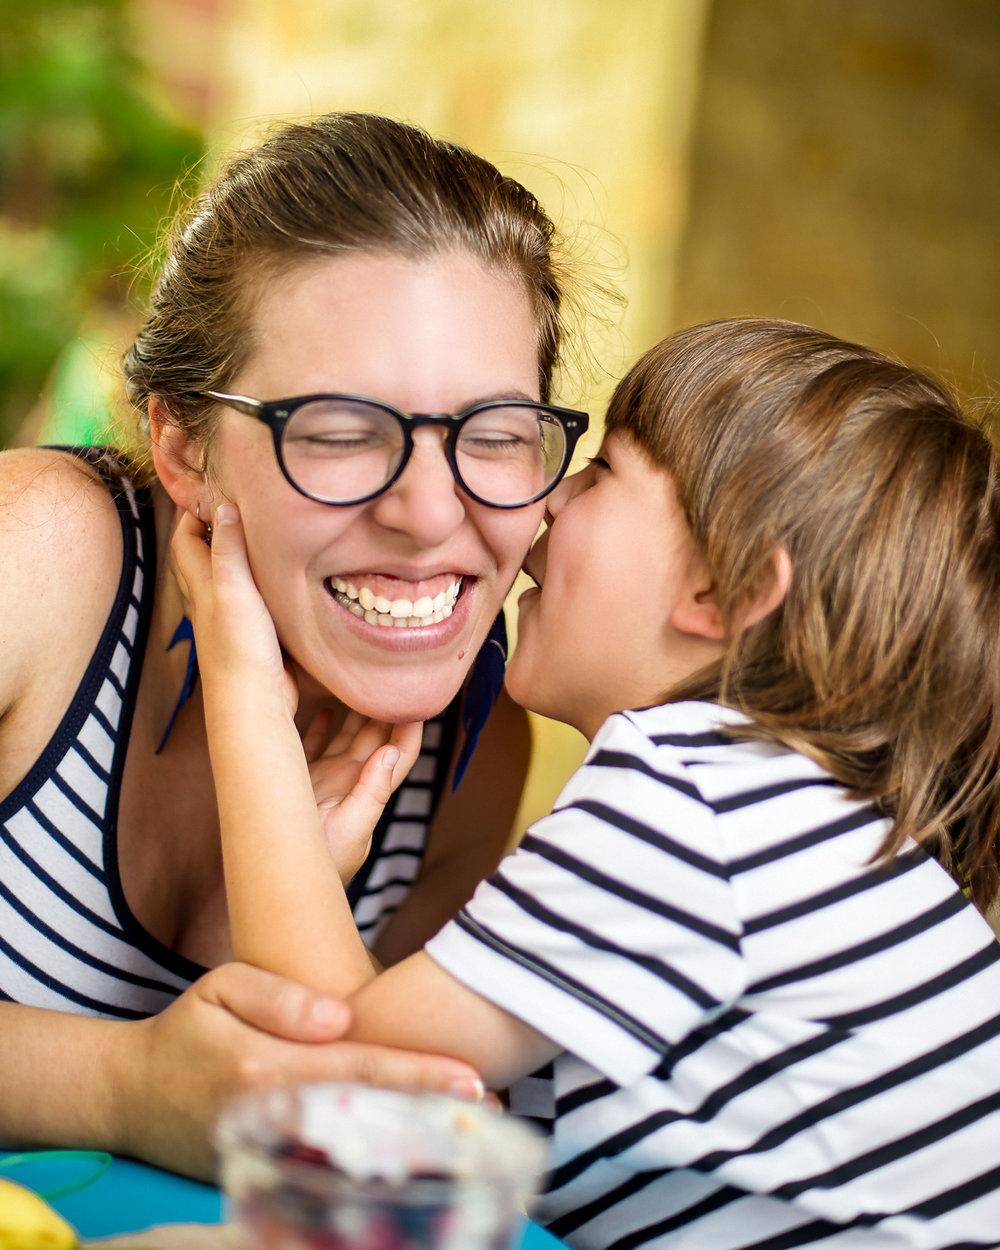 marco-momma-portrait.jpg